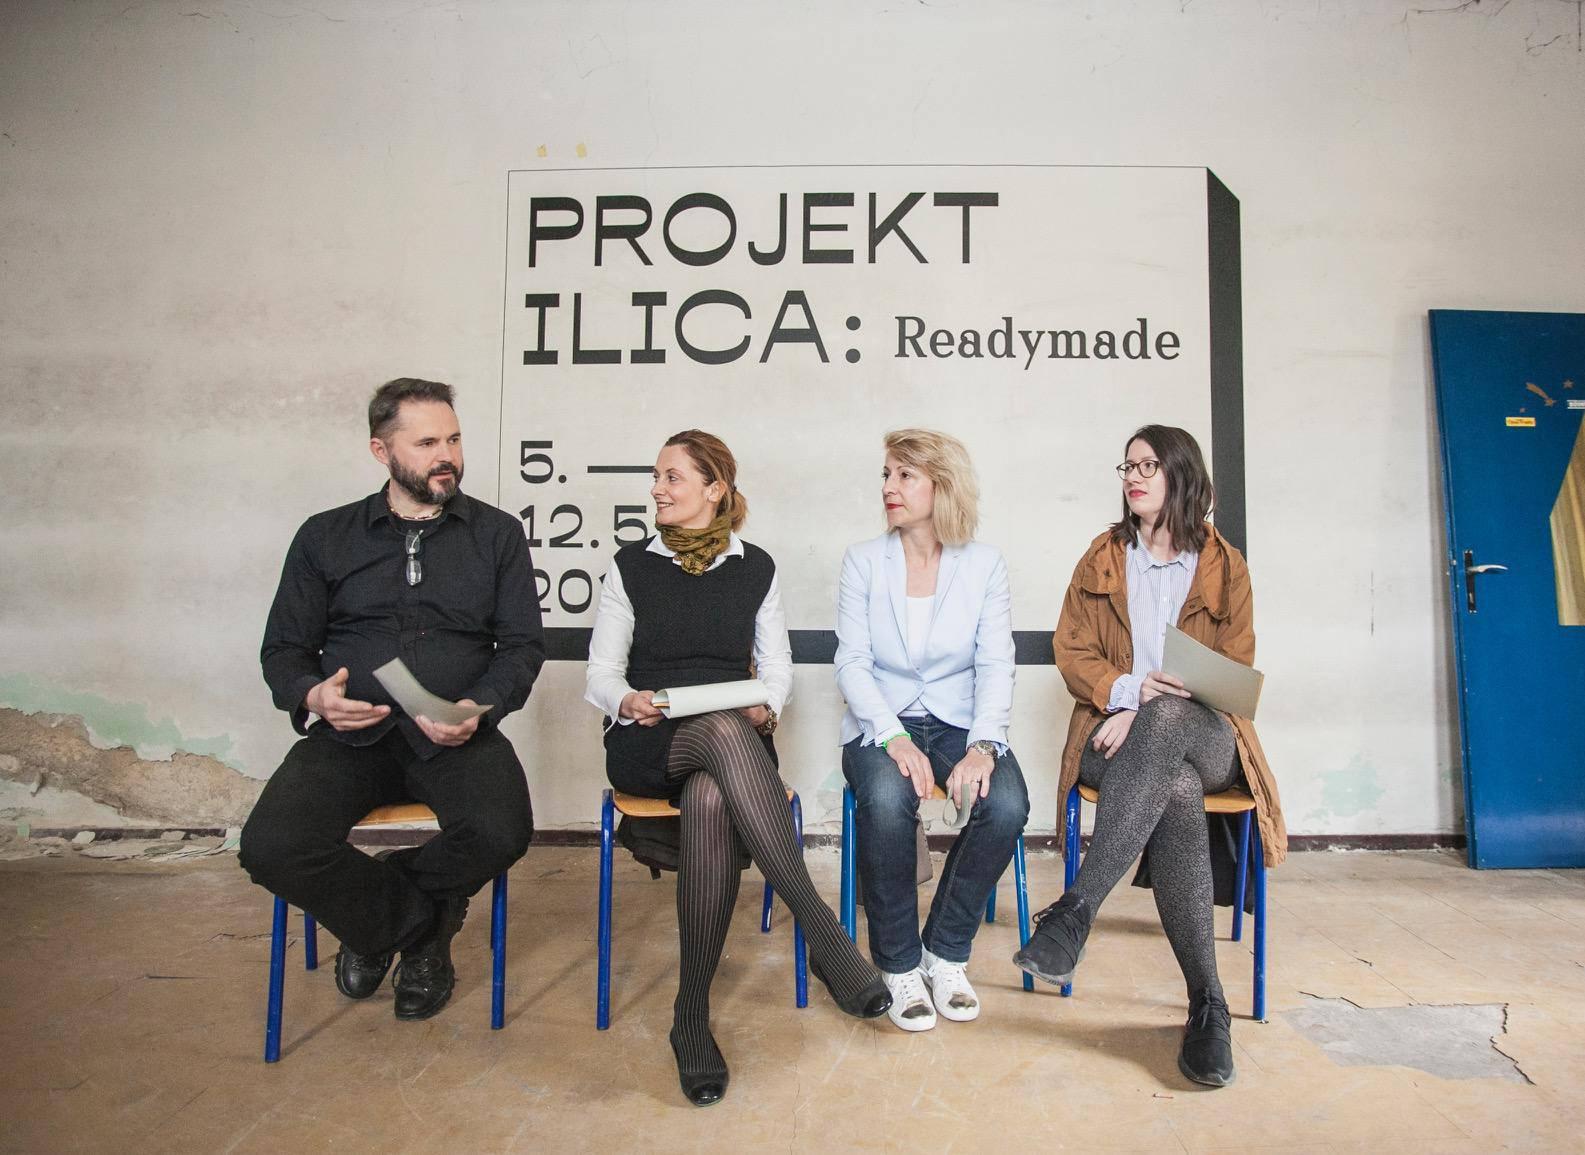 Projekt Ilica: 05.05. počinje festival Readymade Ilica